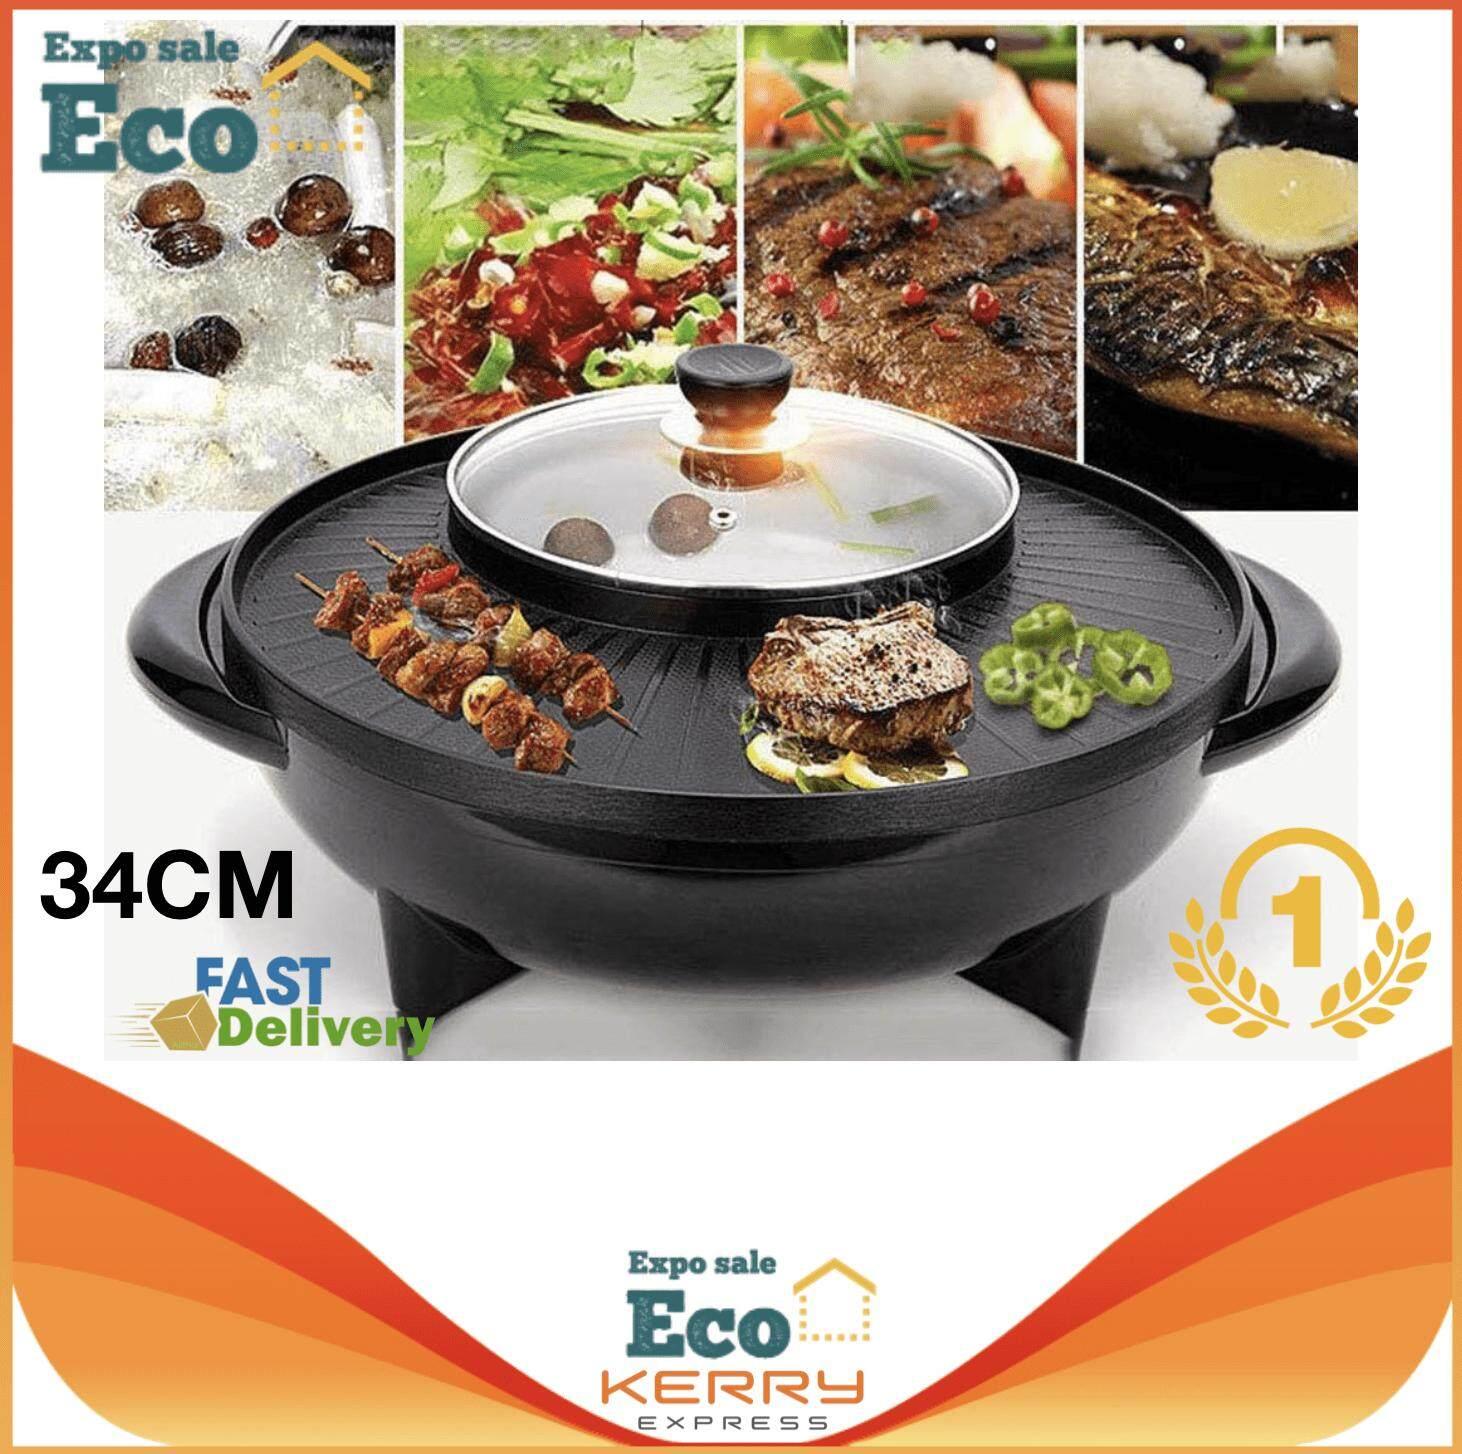 Eco Home หม้อสุกี้ไฟฟ้า 34/36 Cm.หม้อสุกี้บาร์บีคิว กะทะปิ้งย่าง เตาย่างบาบีคิวไฟฟ้า Electric Grills ราคาย่อมเยาว์